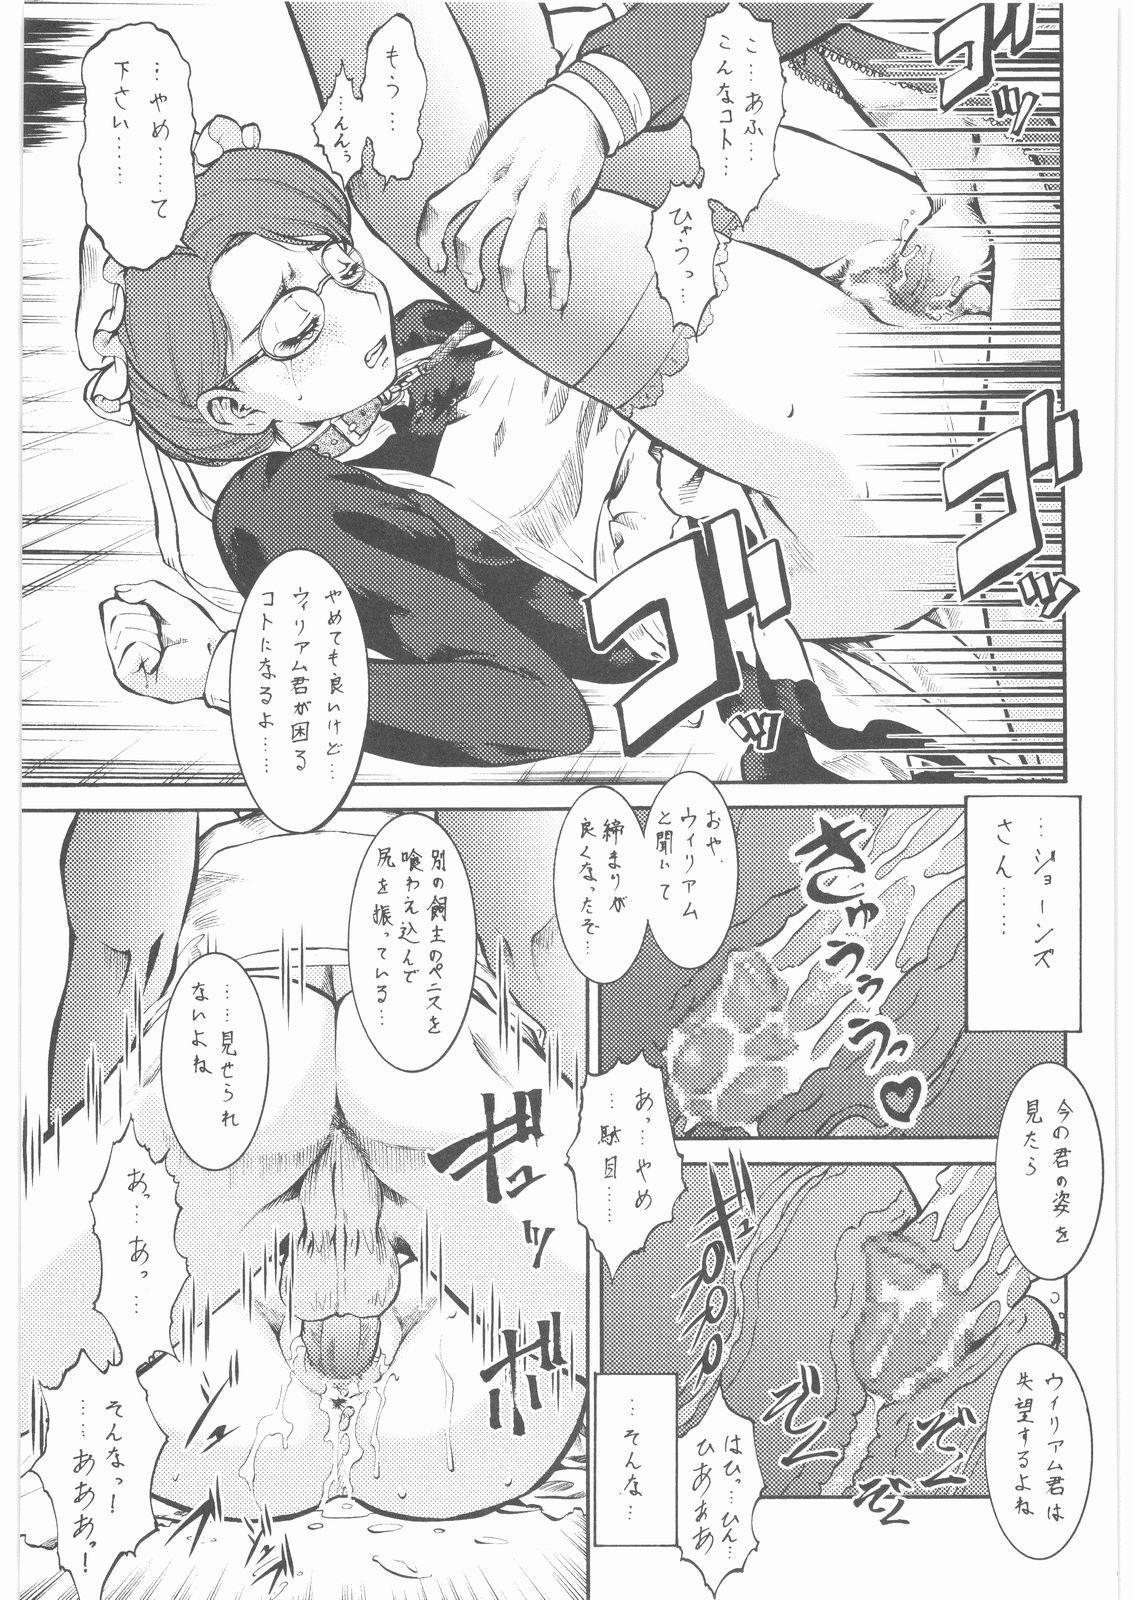 Umedamangashuu 12 Shito 87